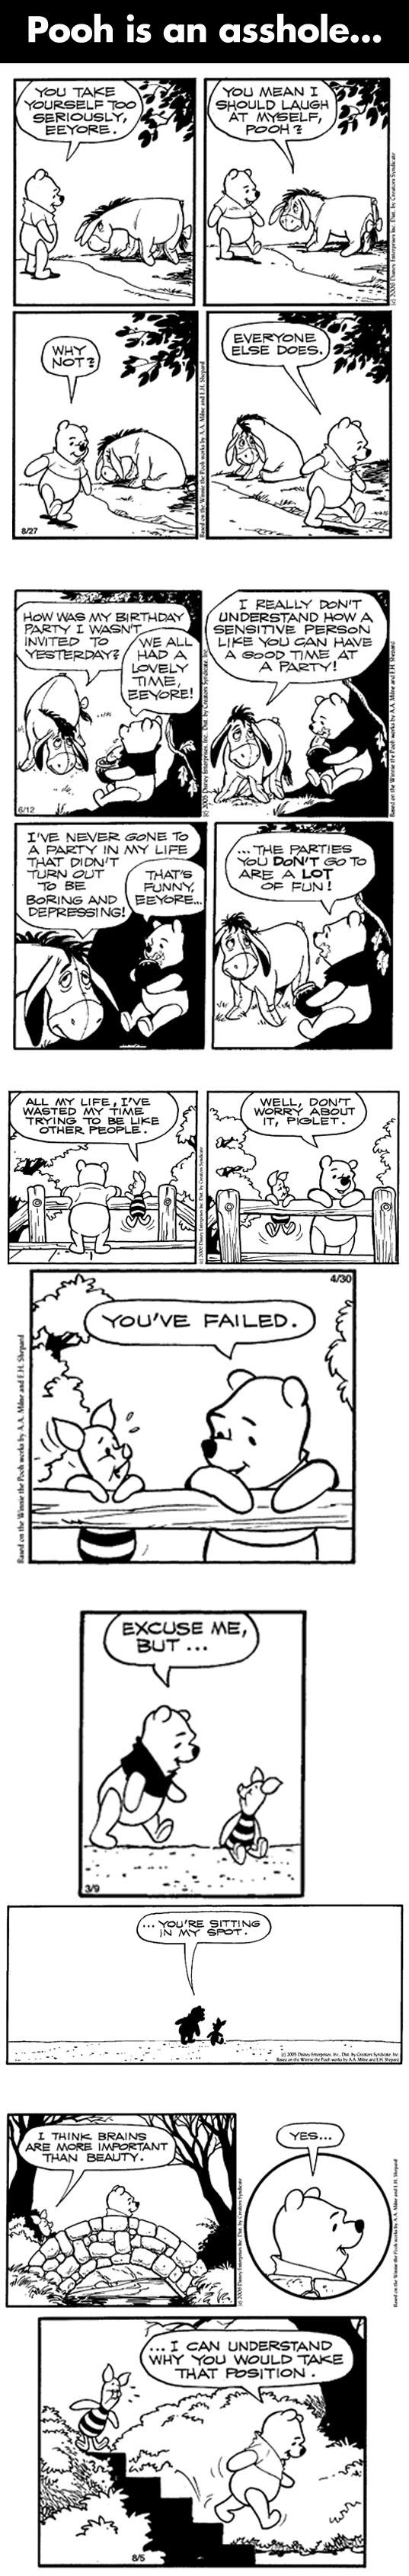 funny-Pooh-bad-person-Eeyore